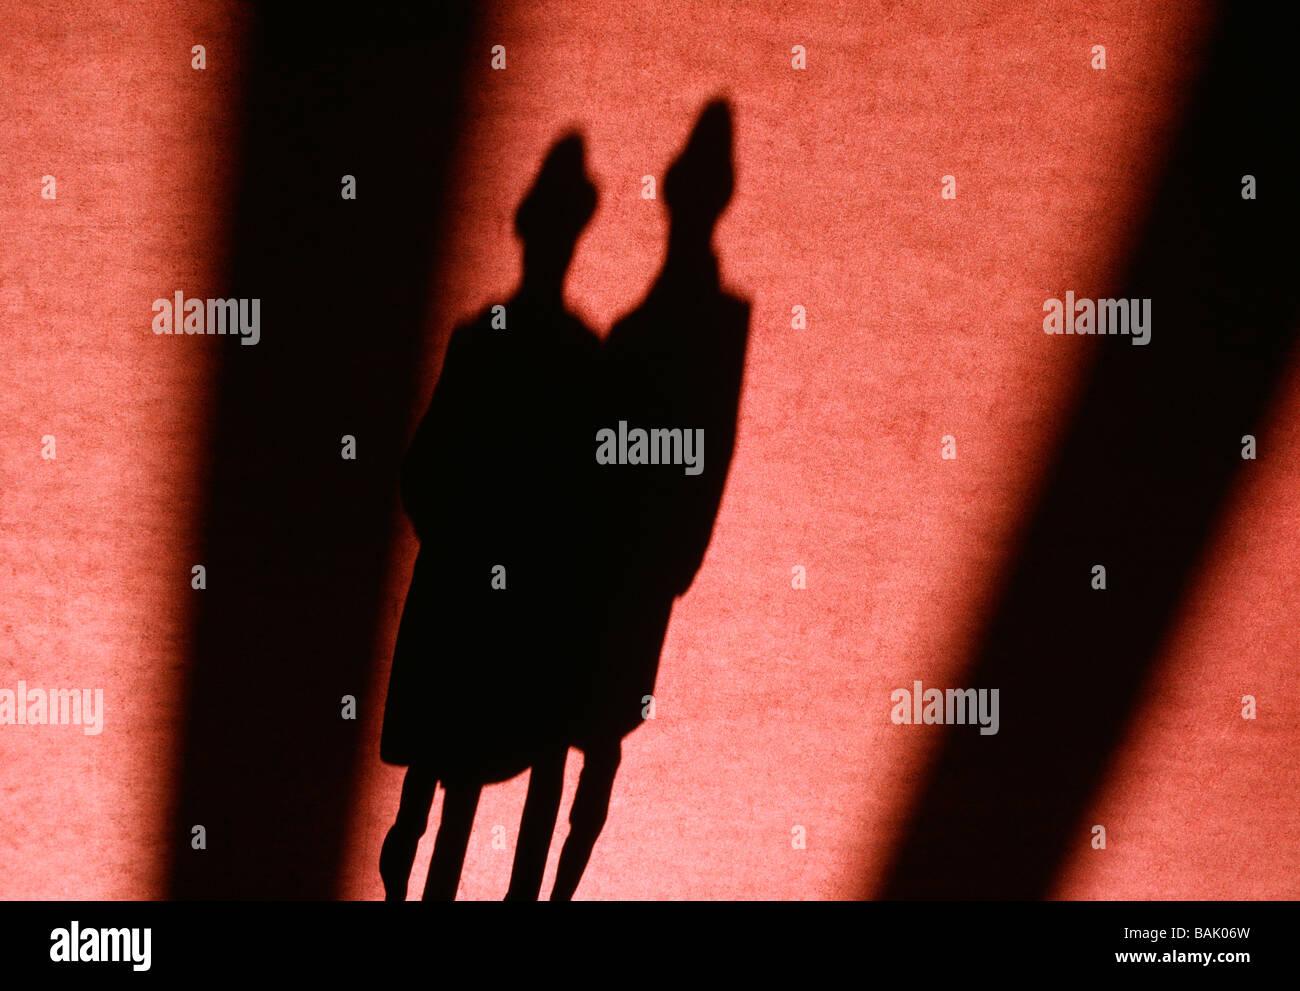 Vista astratta di un paio s ombra su un tappeto rosso Immagini Stock